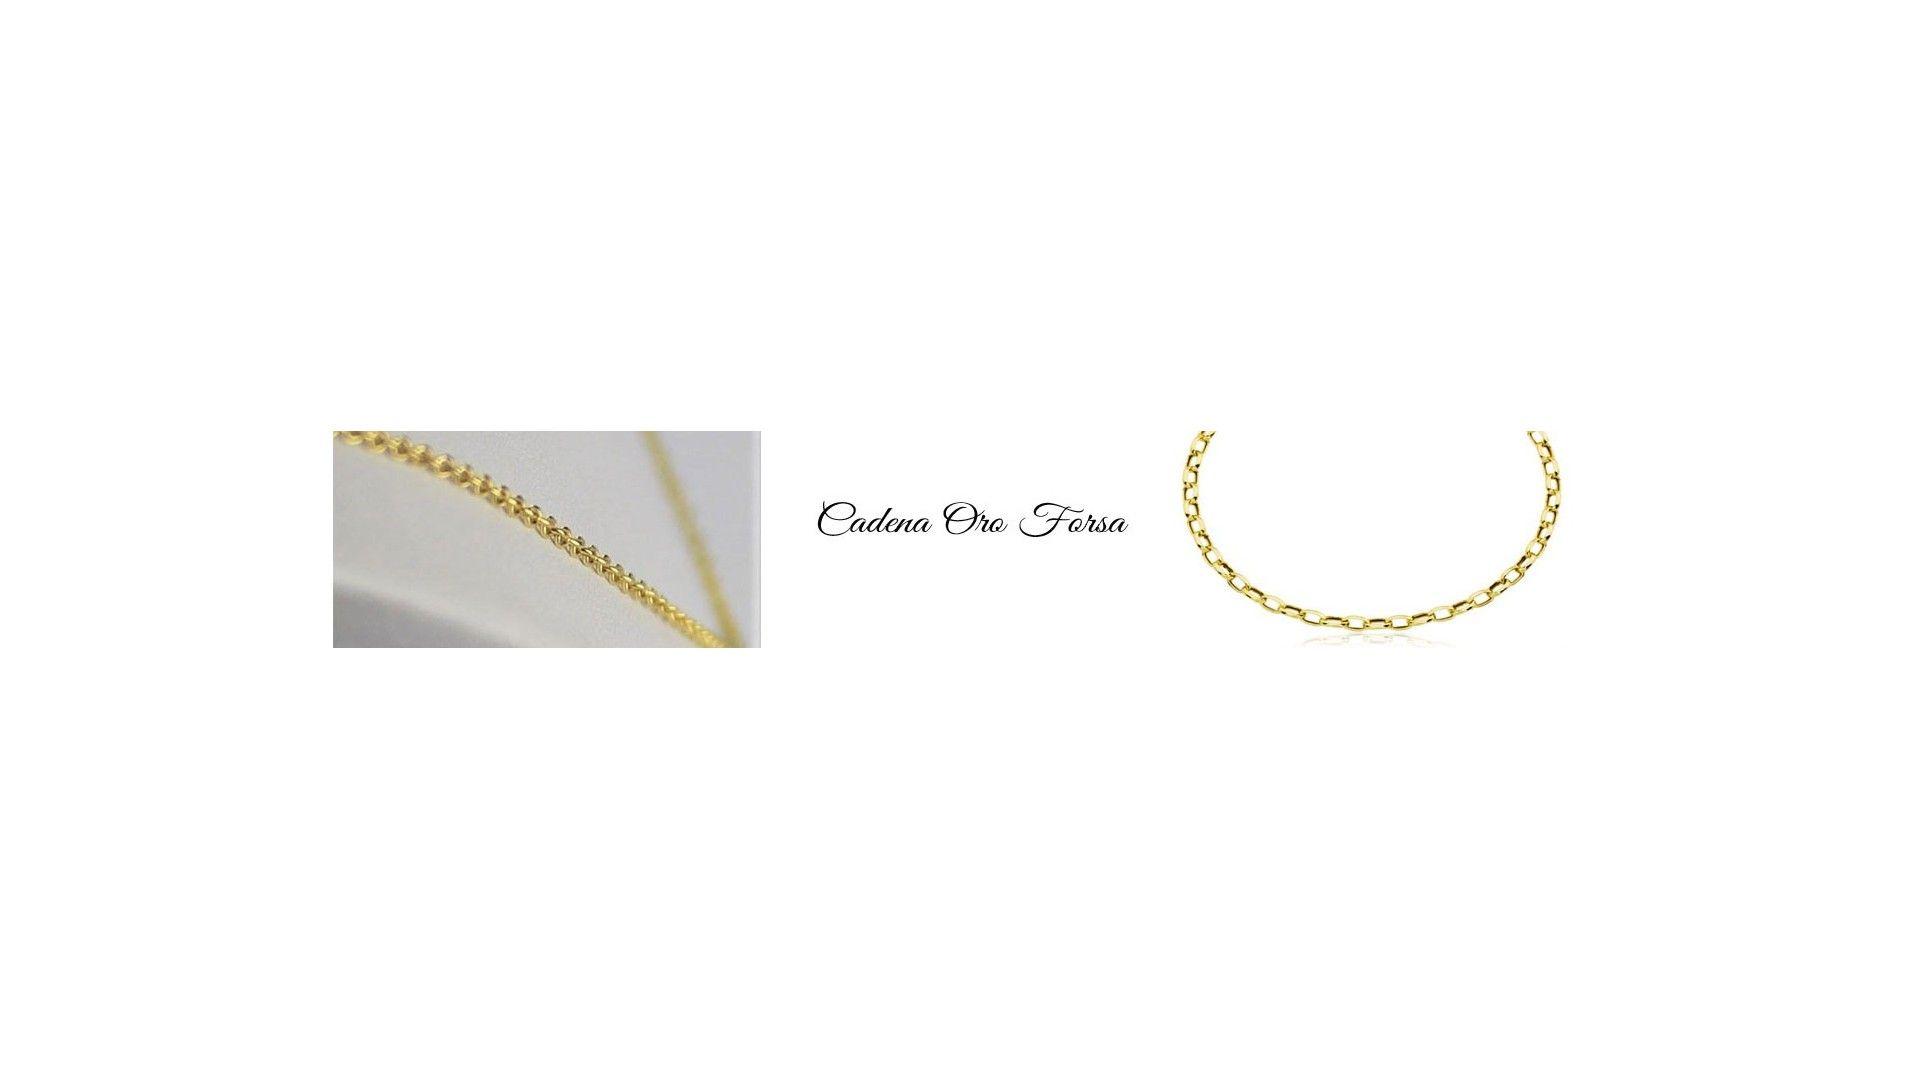 Cadenas de Oro Forsa de 60 cm